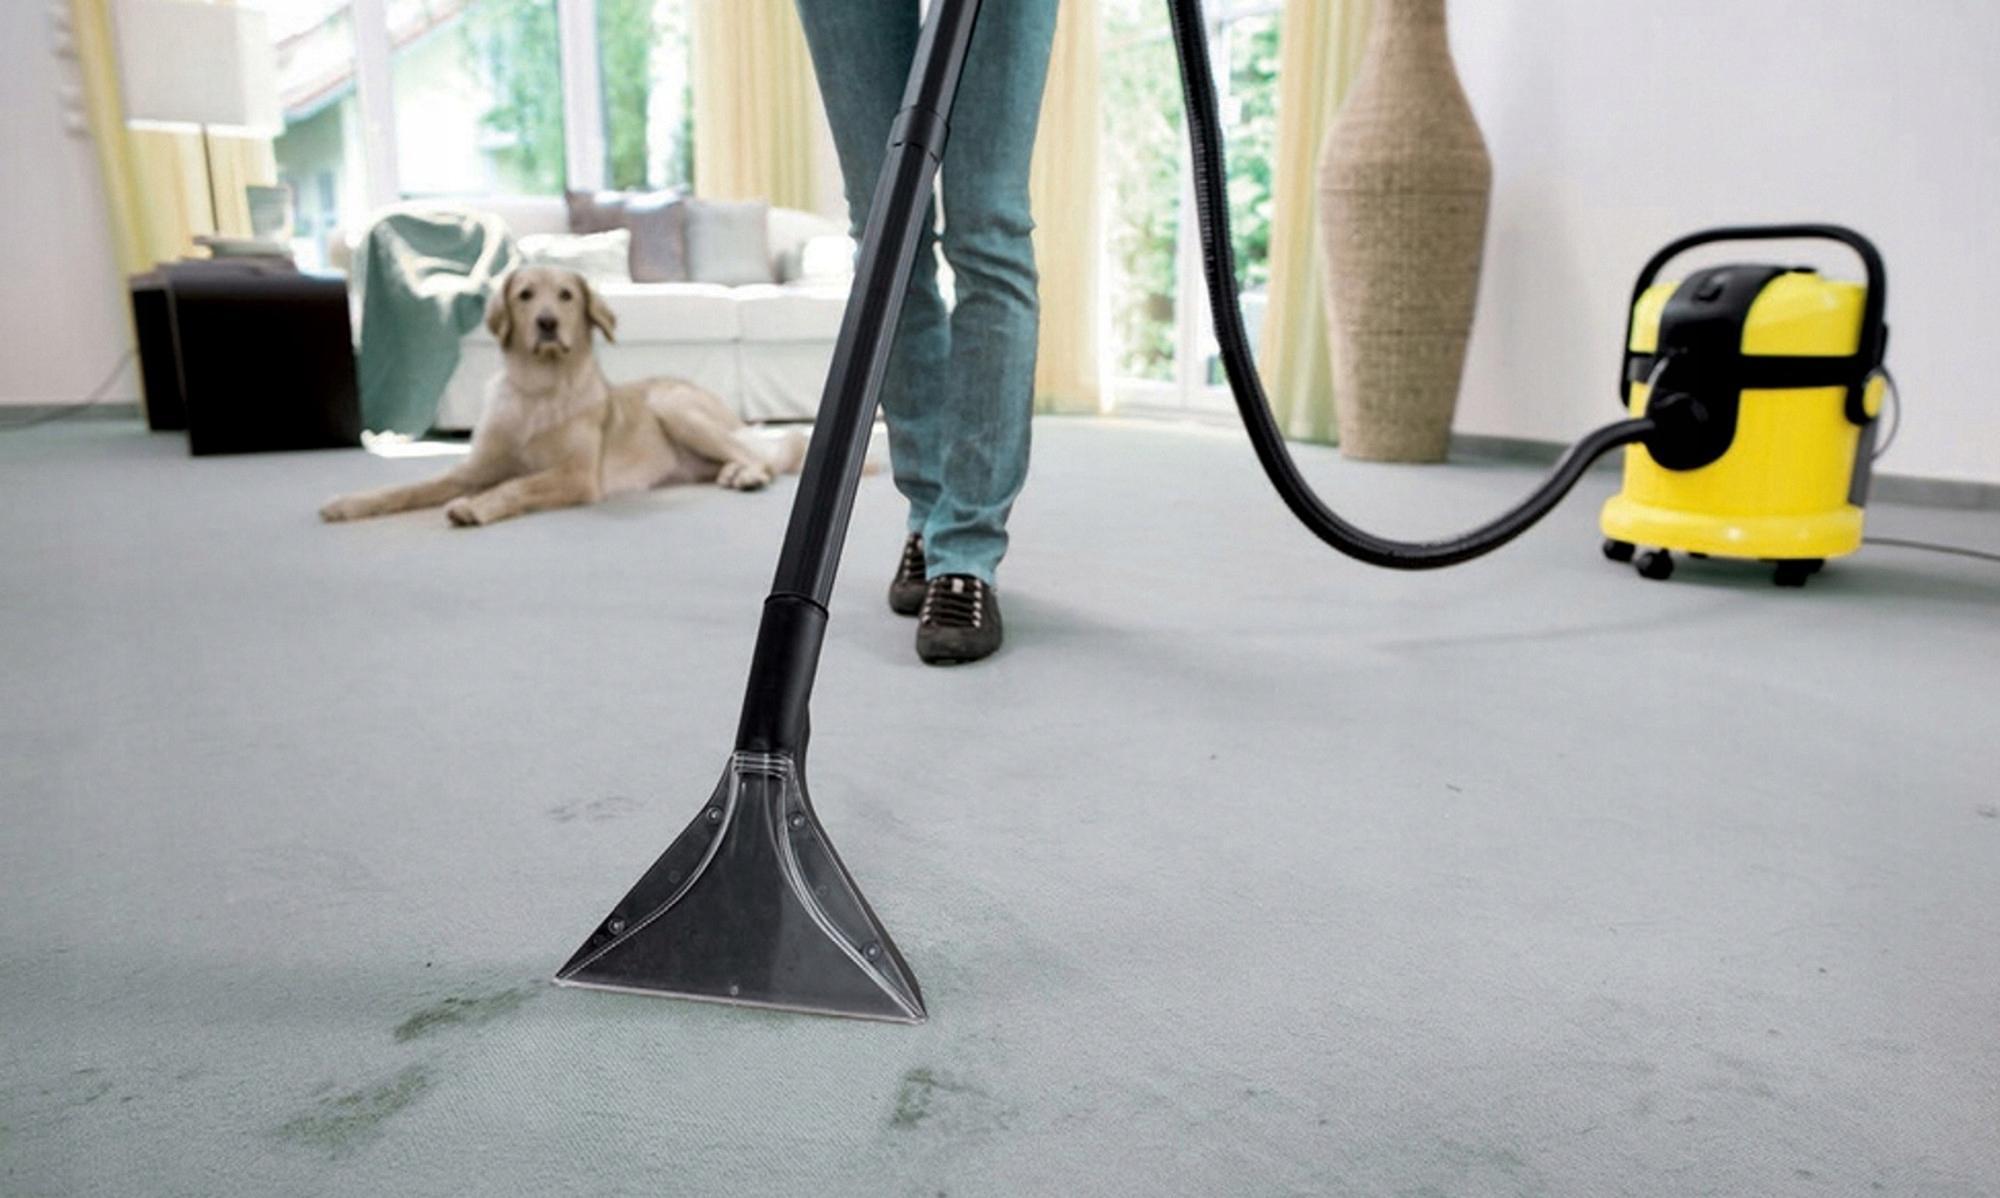 Пылесосы для ковров: как выбрать моющий профессиональный пылесос для чистки ковролина? Особенности моделей для мойки мягкой мебели